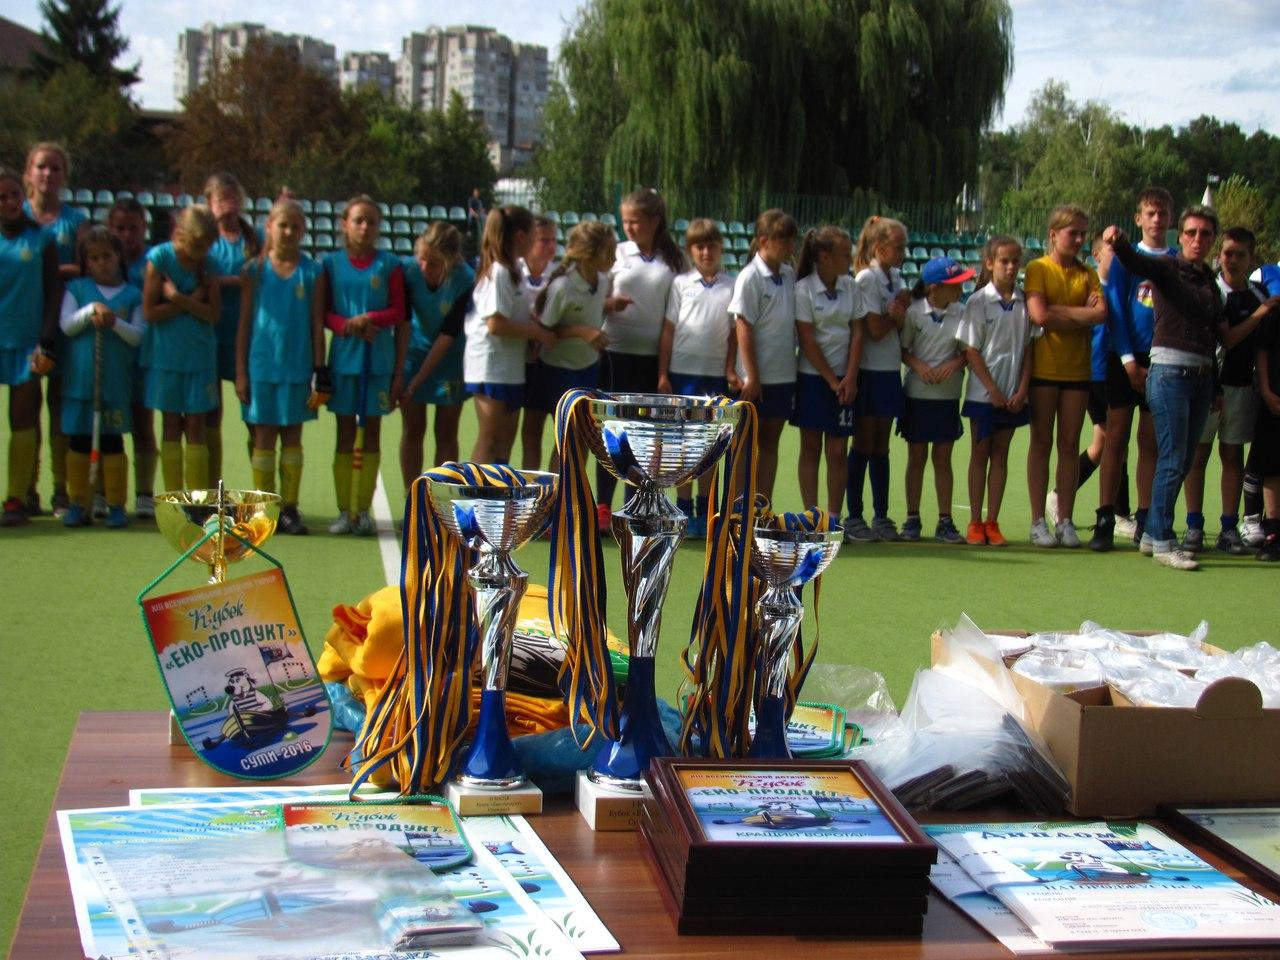 13-16.09.2016 р. відбувся XIII всеукраїнський дитячий турнір з хокею на траві «Кубок Еко-продукт»